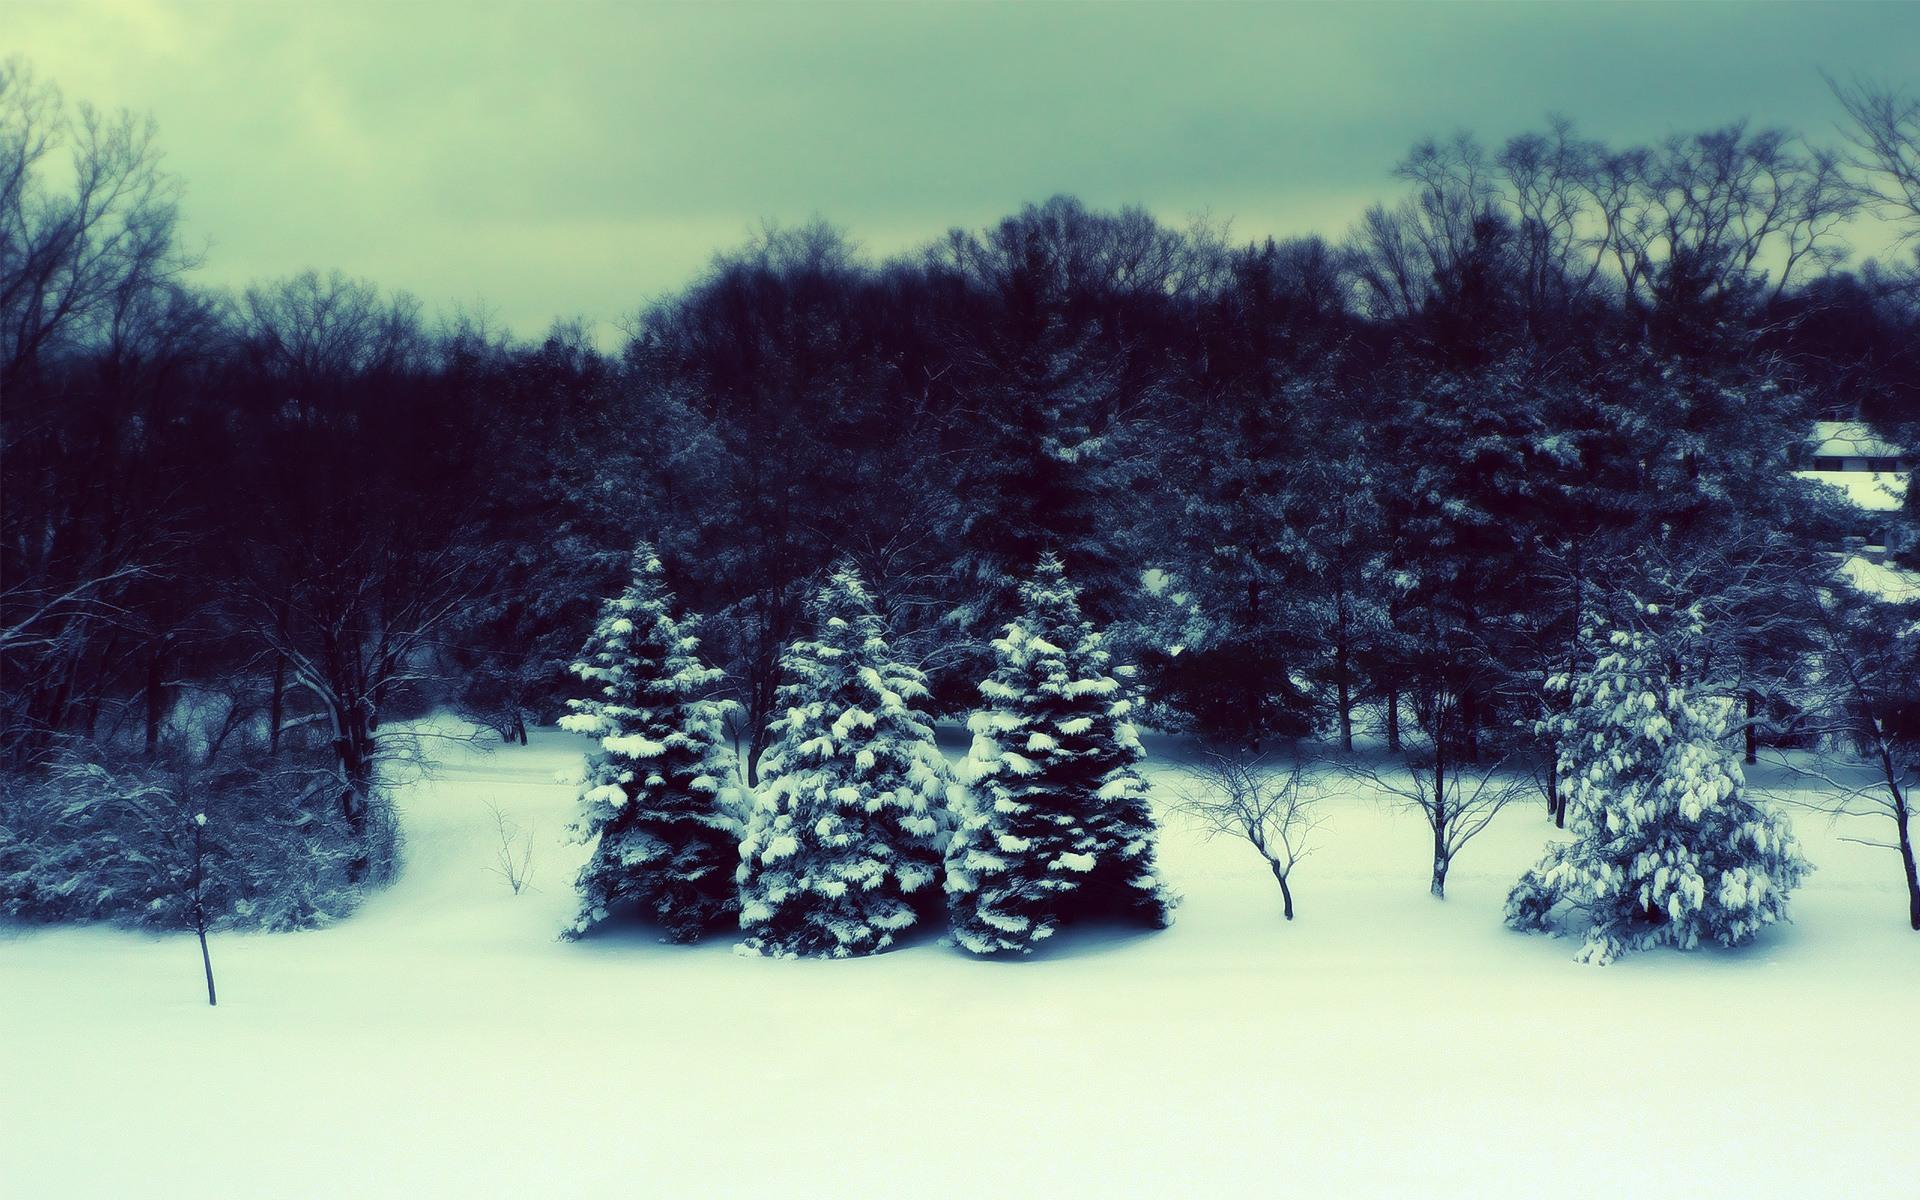 Dreary Snow Forest desktop wallpaper 1920x1200